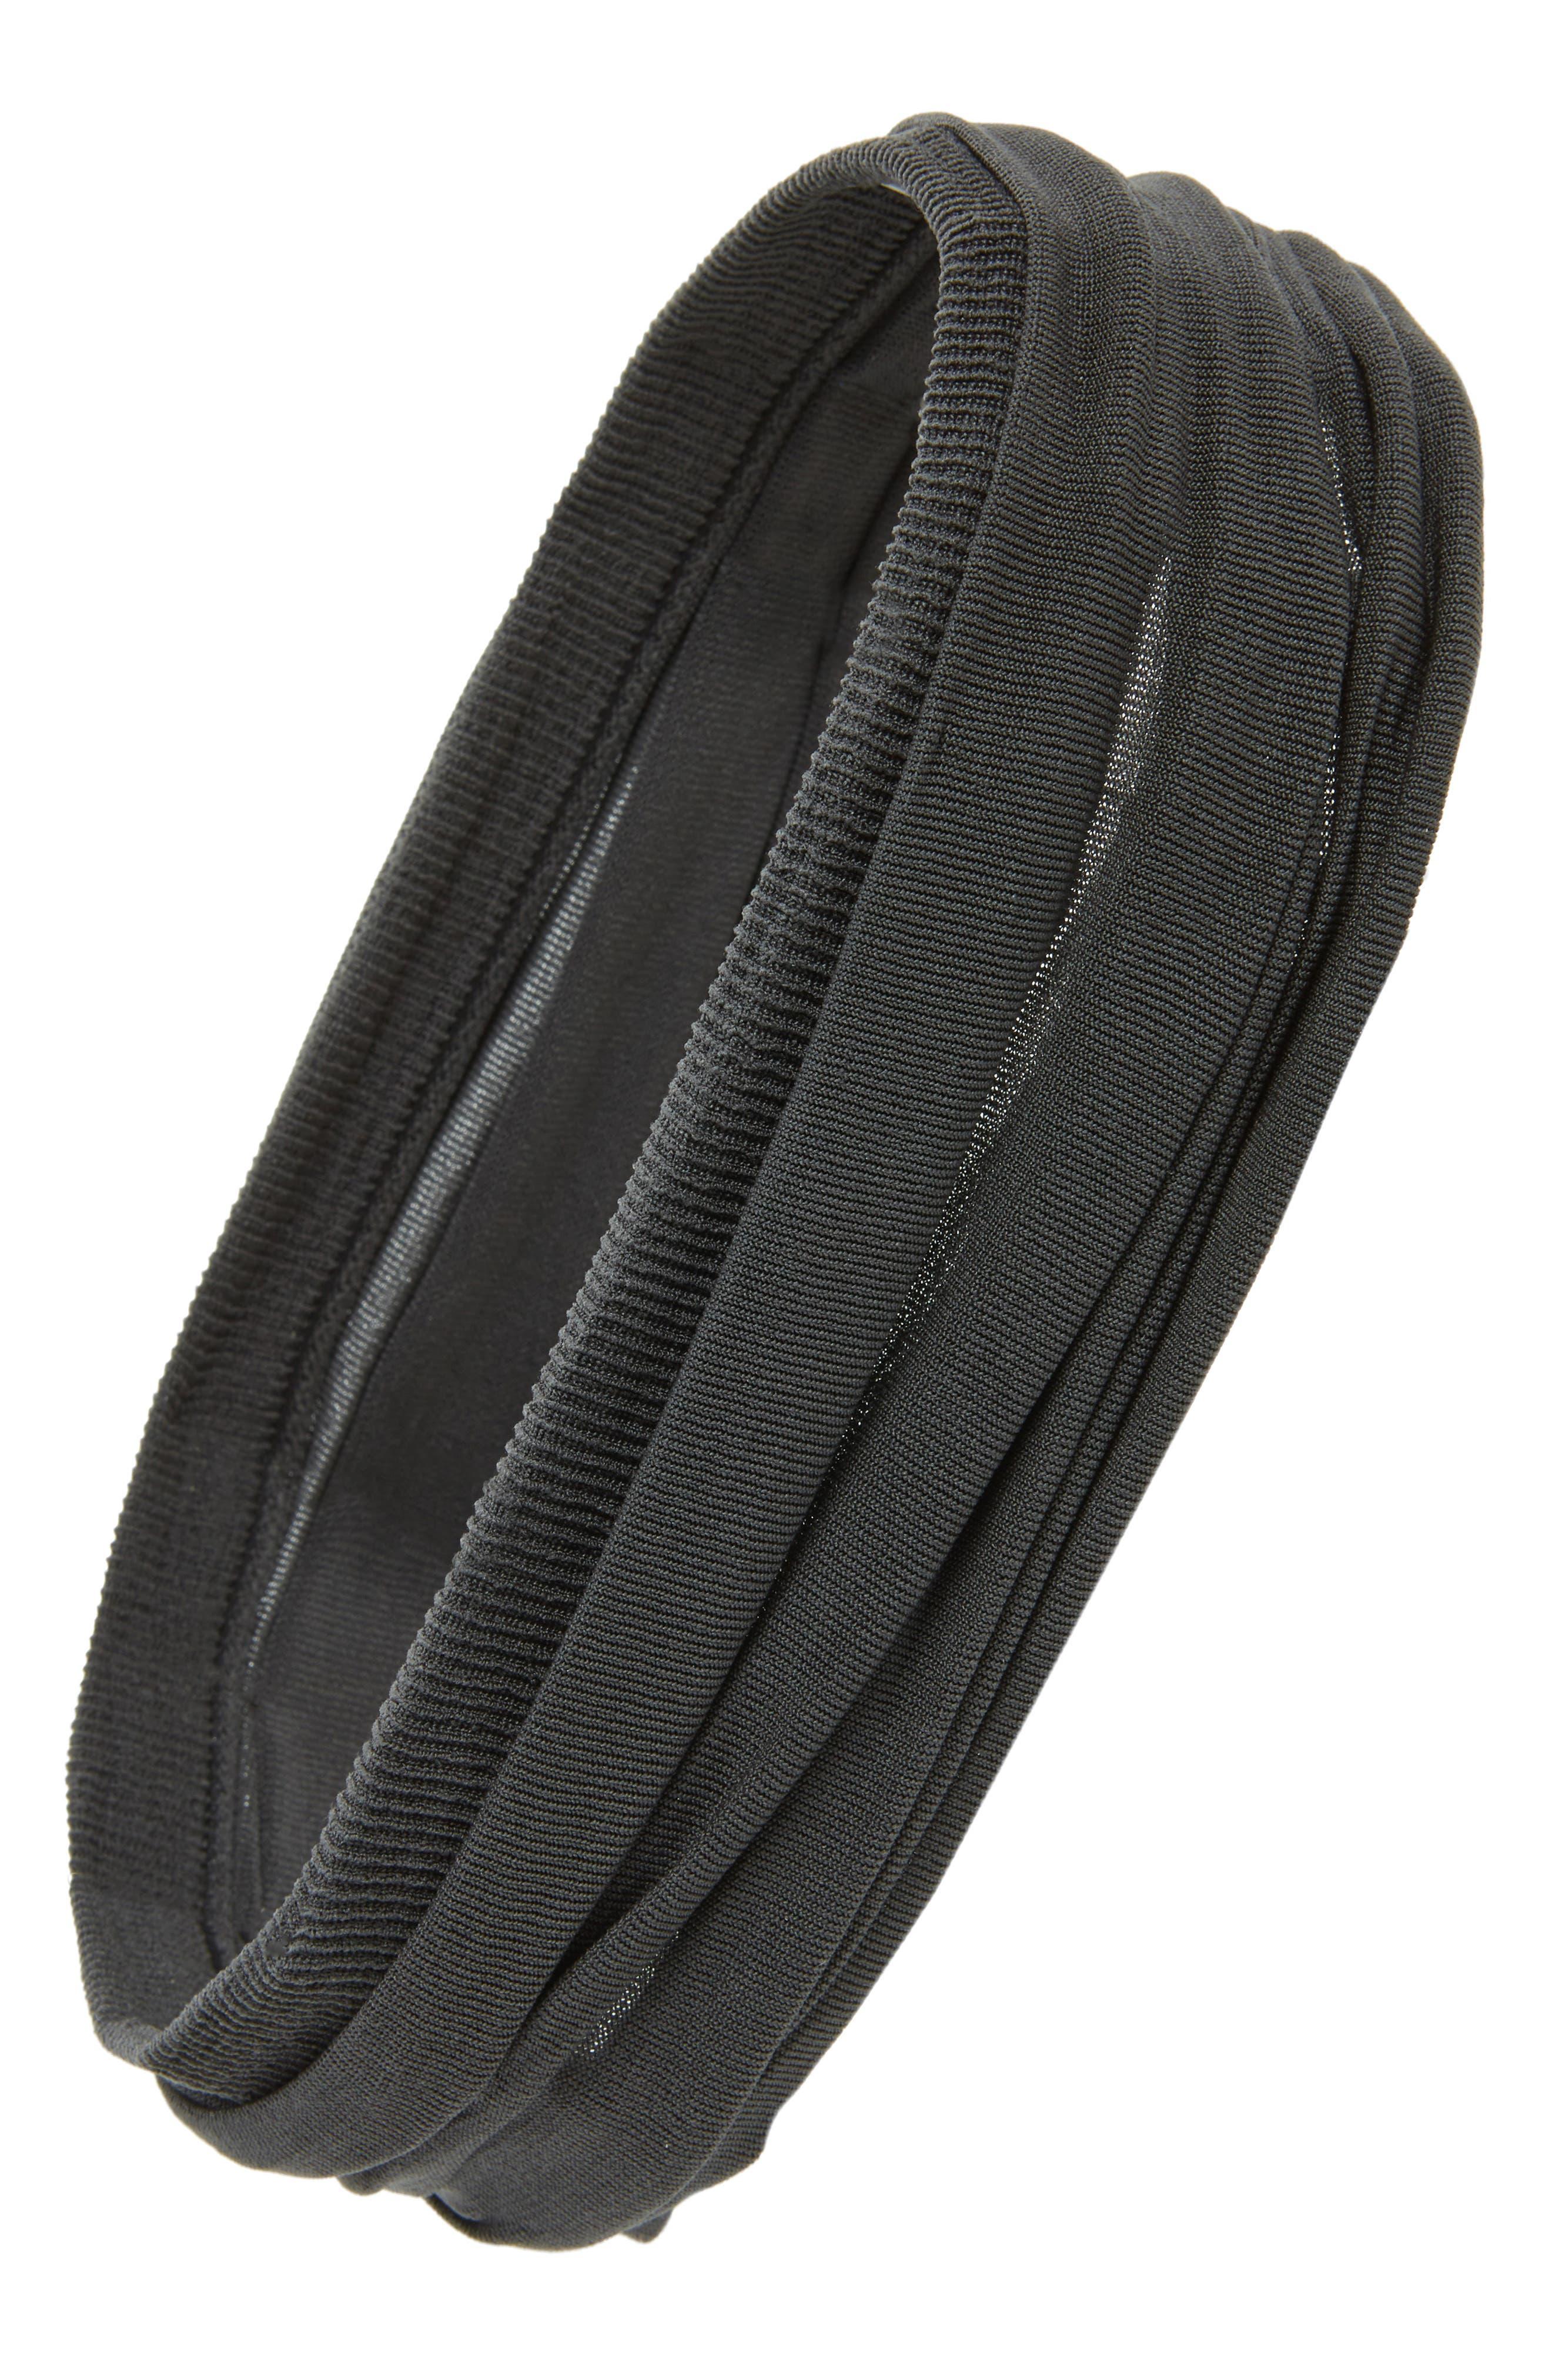 L. ERICKSON Relaxed Turban Headband